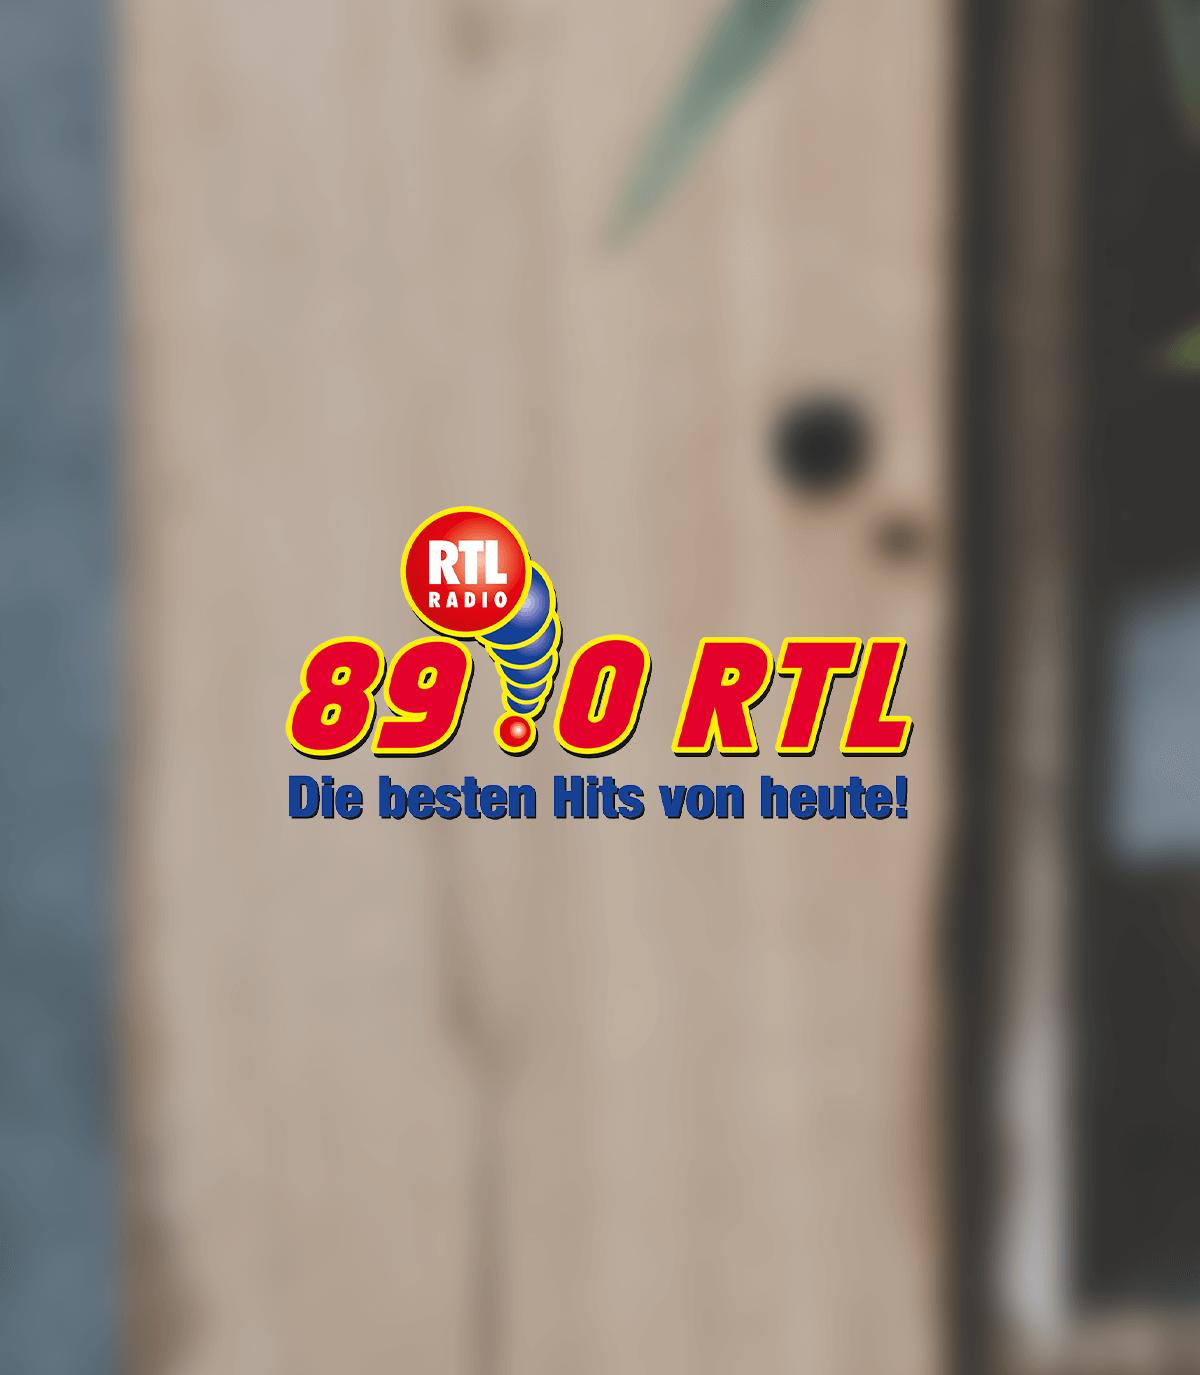 89 0 RTL Logo auf unscharfem Hintergrund